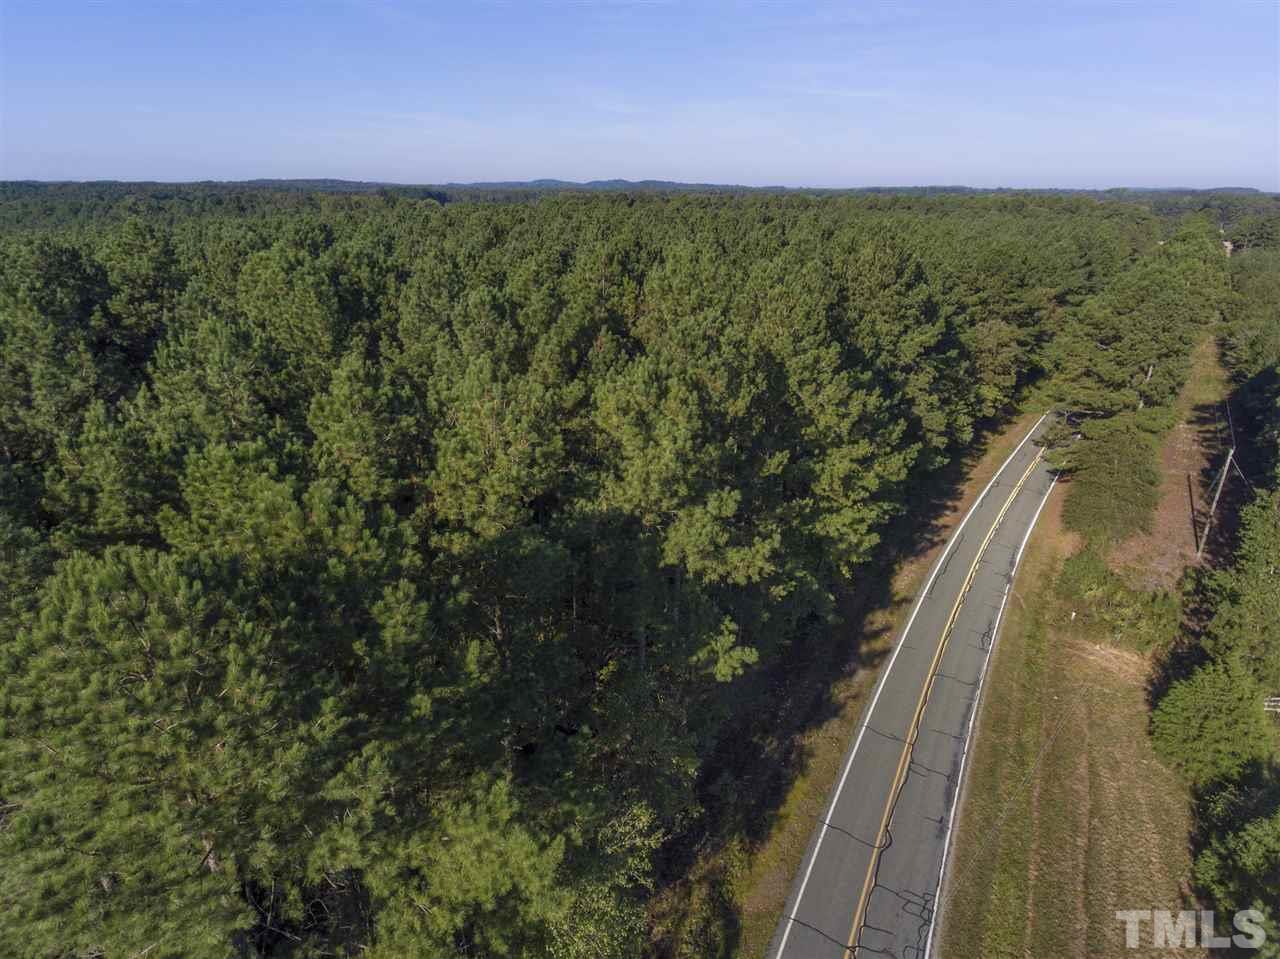 Castle Rock Farm Road